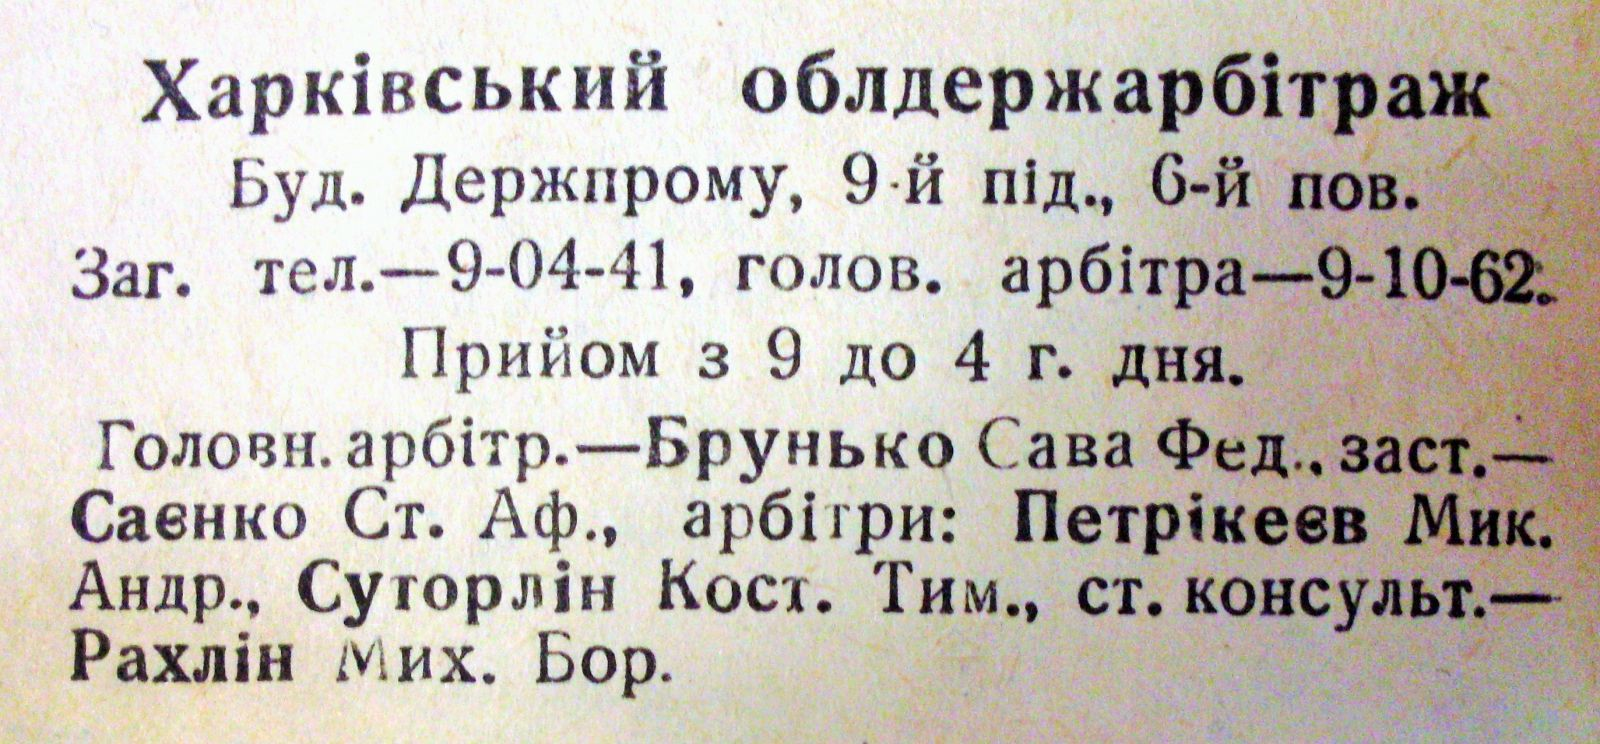 Адреса «серпентарію» — 9-ий під'їзд Держпрому. З довідника «Весь Харків» 1937 року